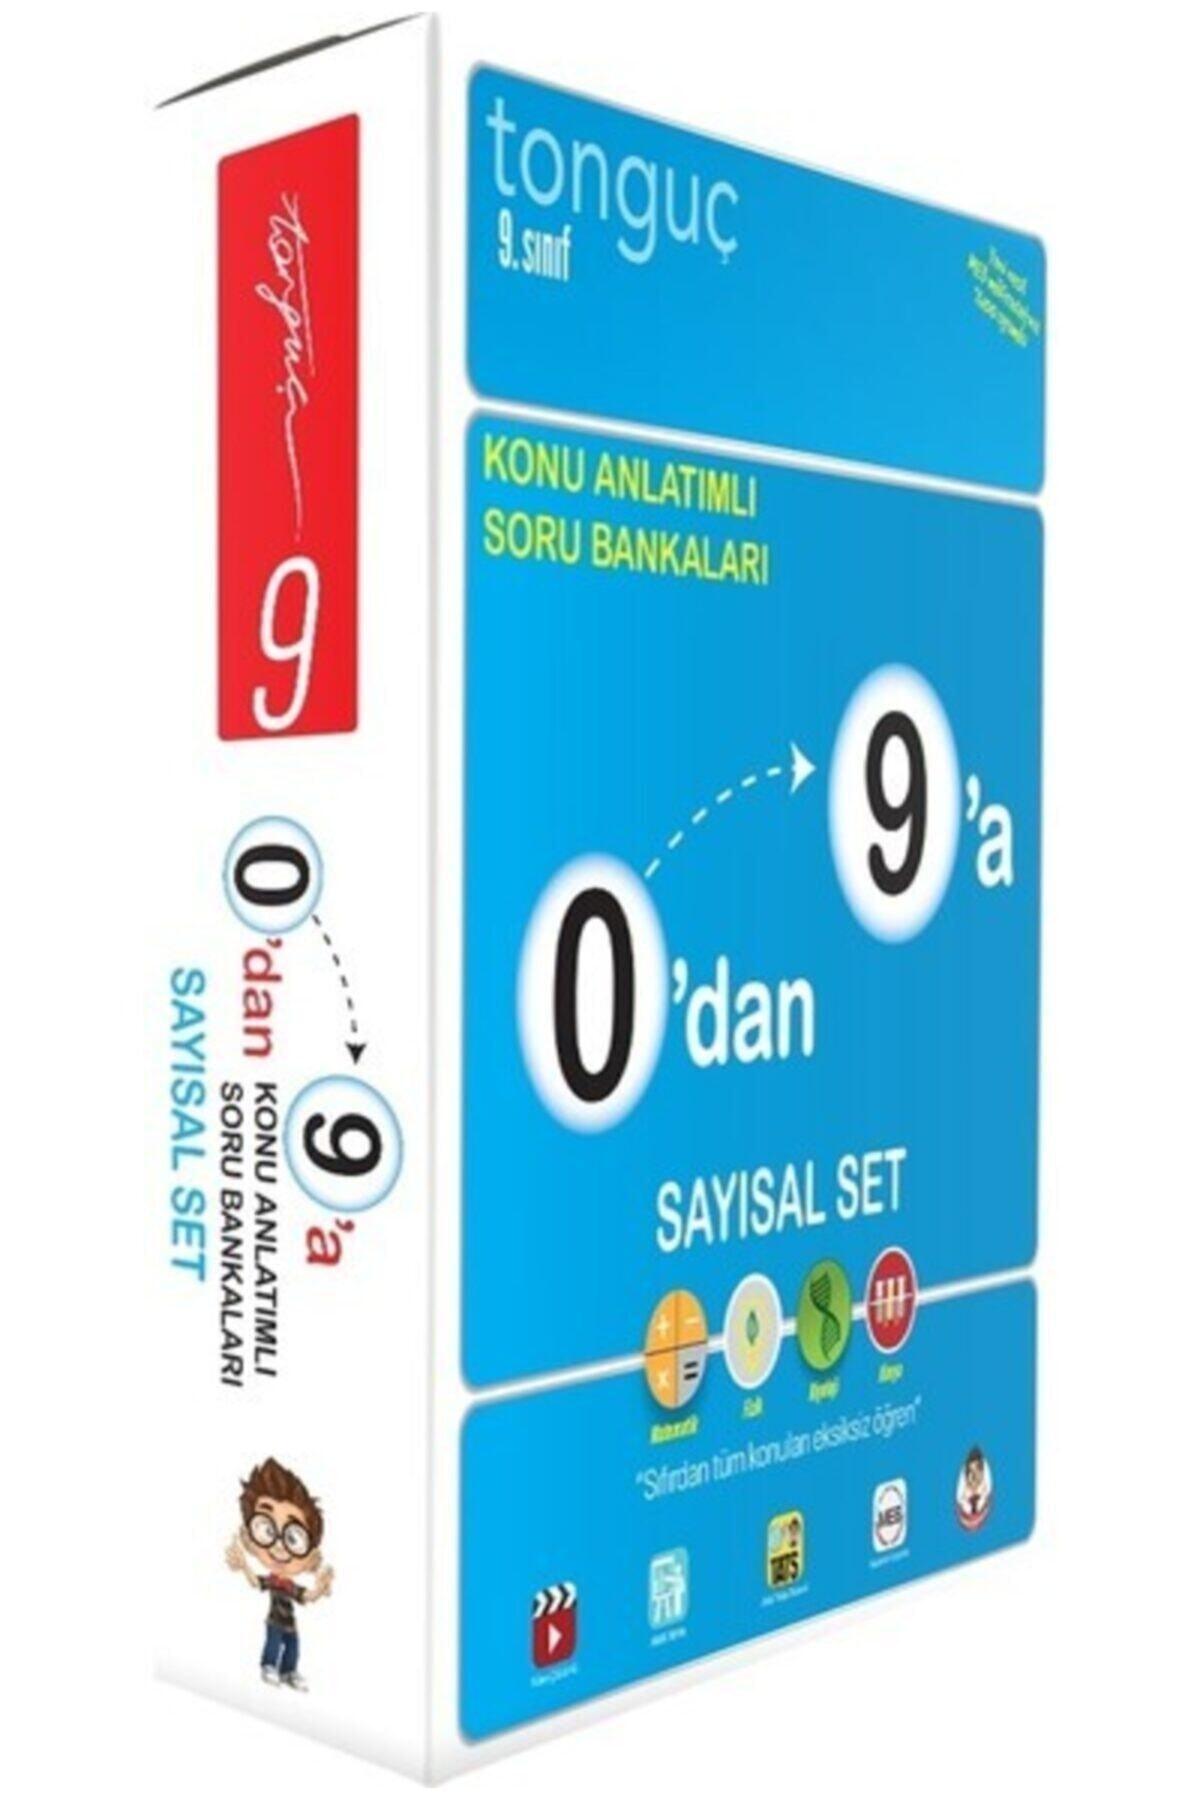 Tonguç Akademi Tonguç 0 Dan 9 A Konu Anlatımlı Soru Bankası Sayısal Set 1